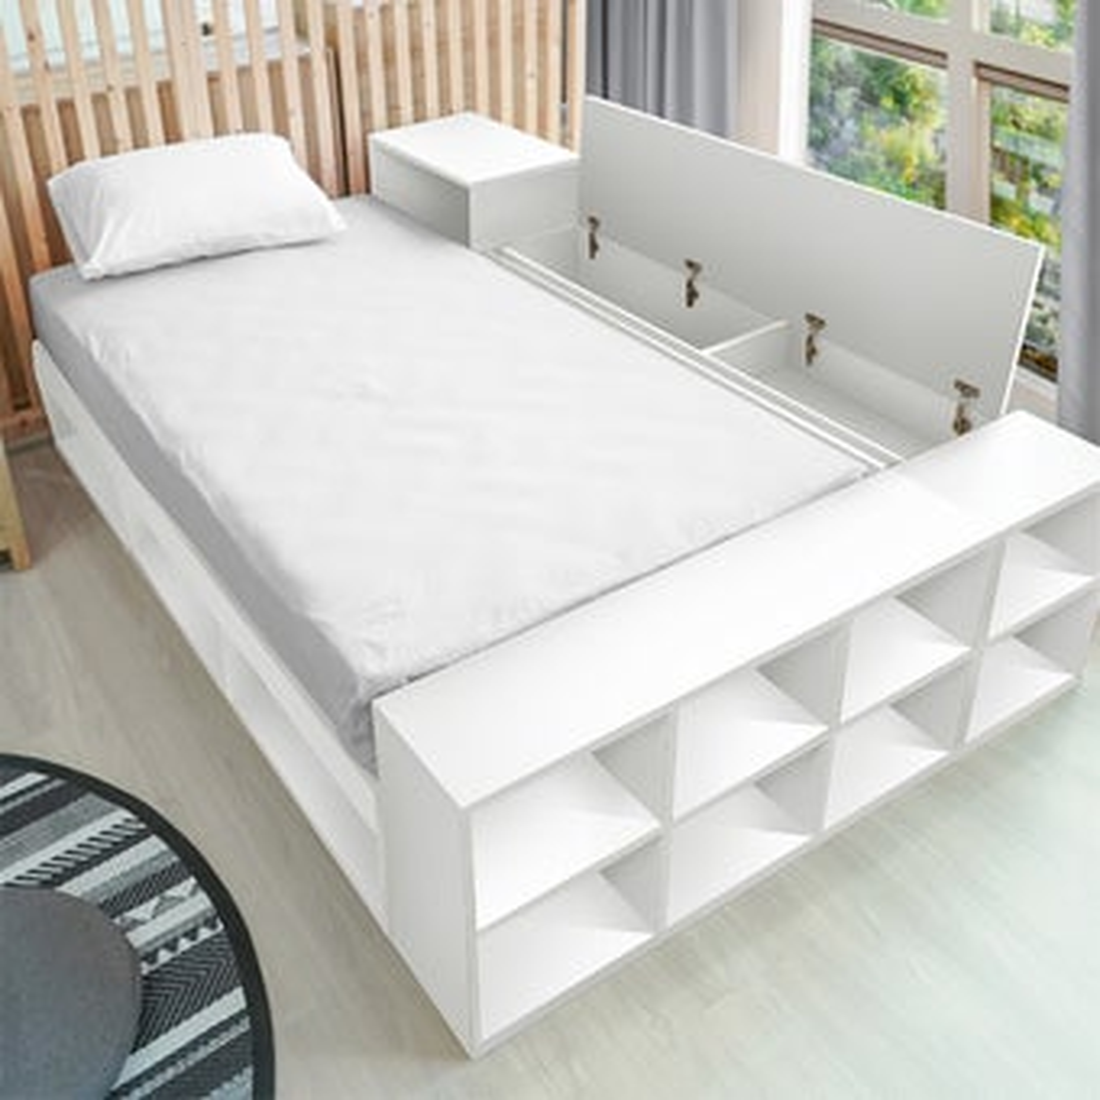 เตียงนอน ขนาด 3.5 ฟุต รุ่น FANTASY สีขาว